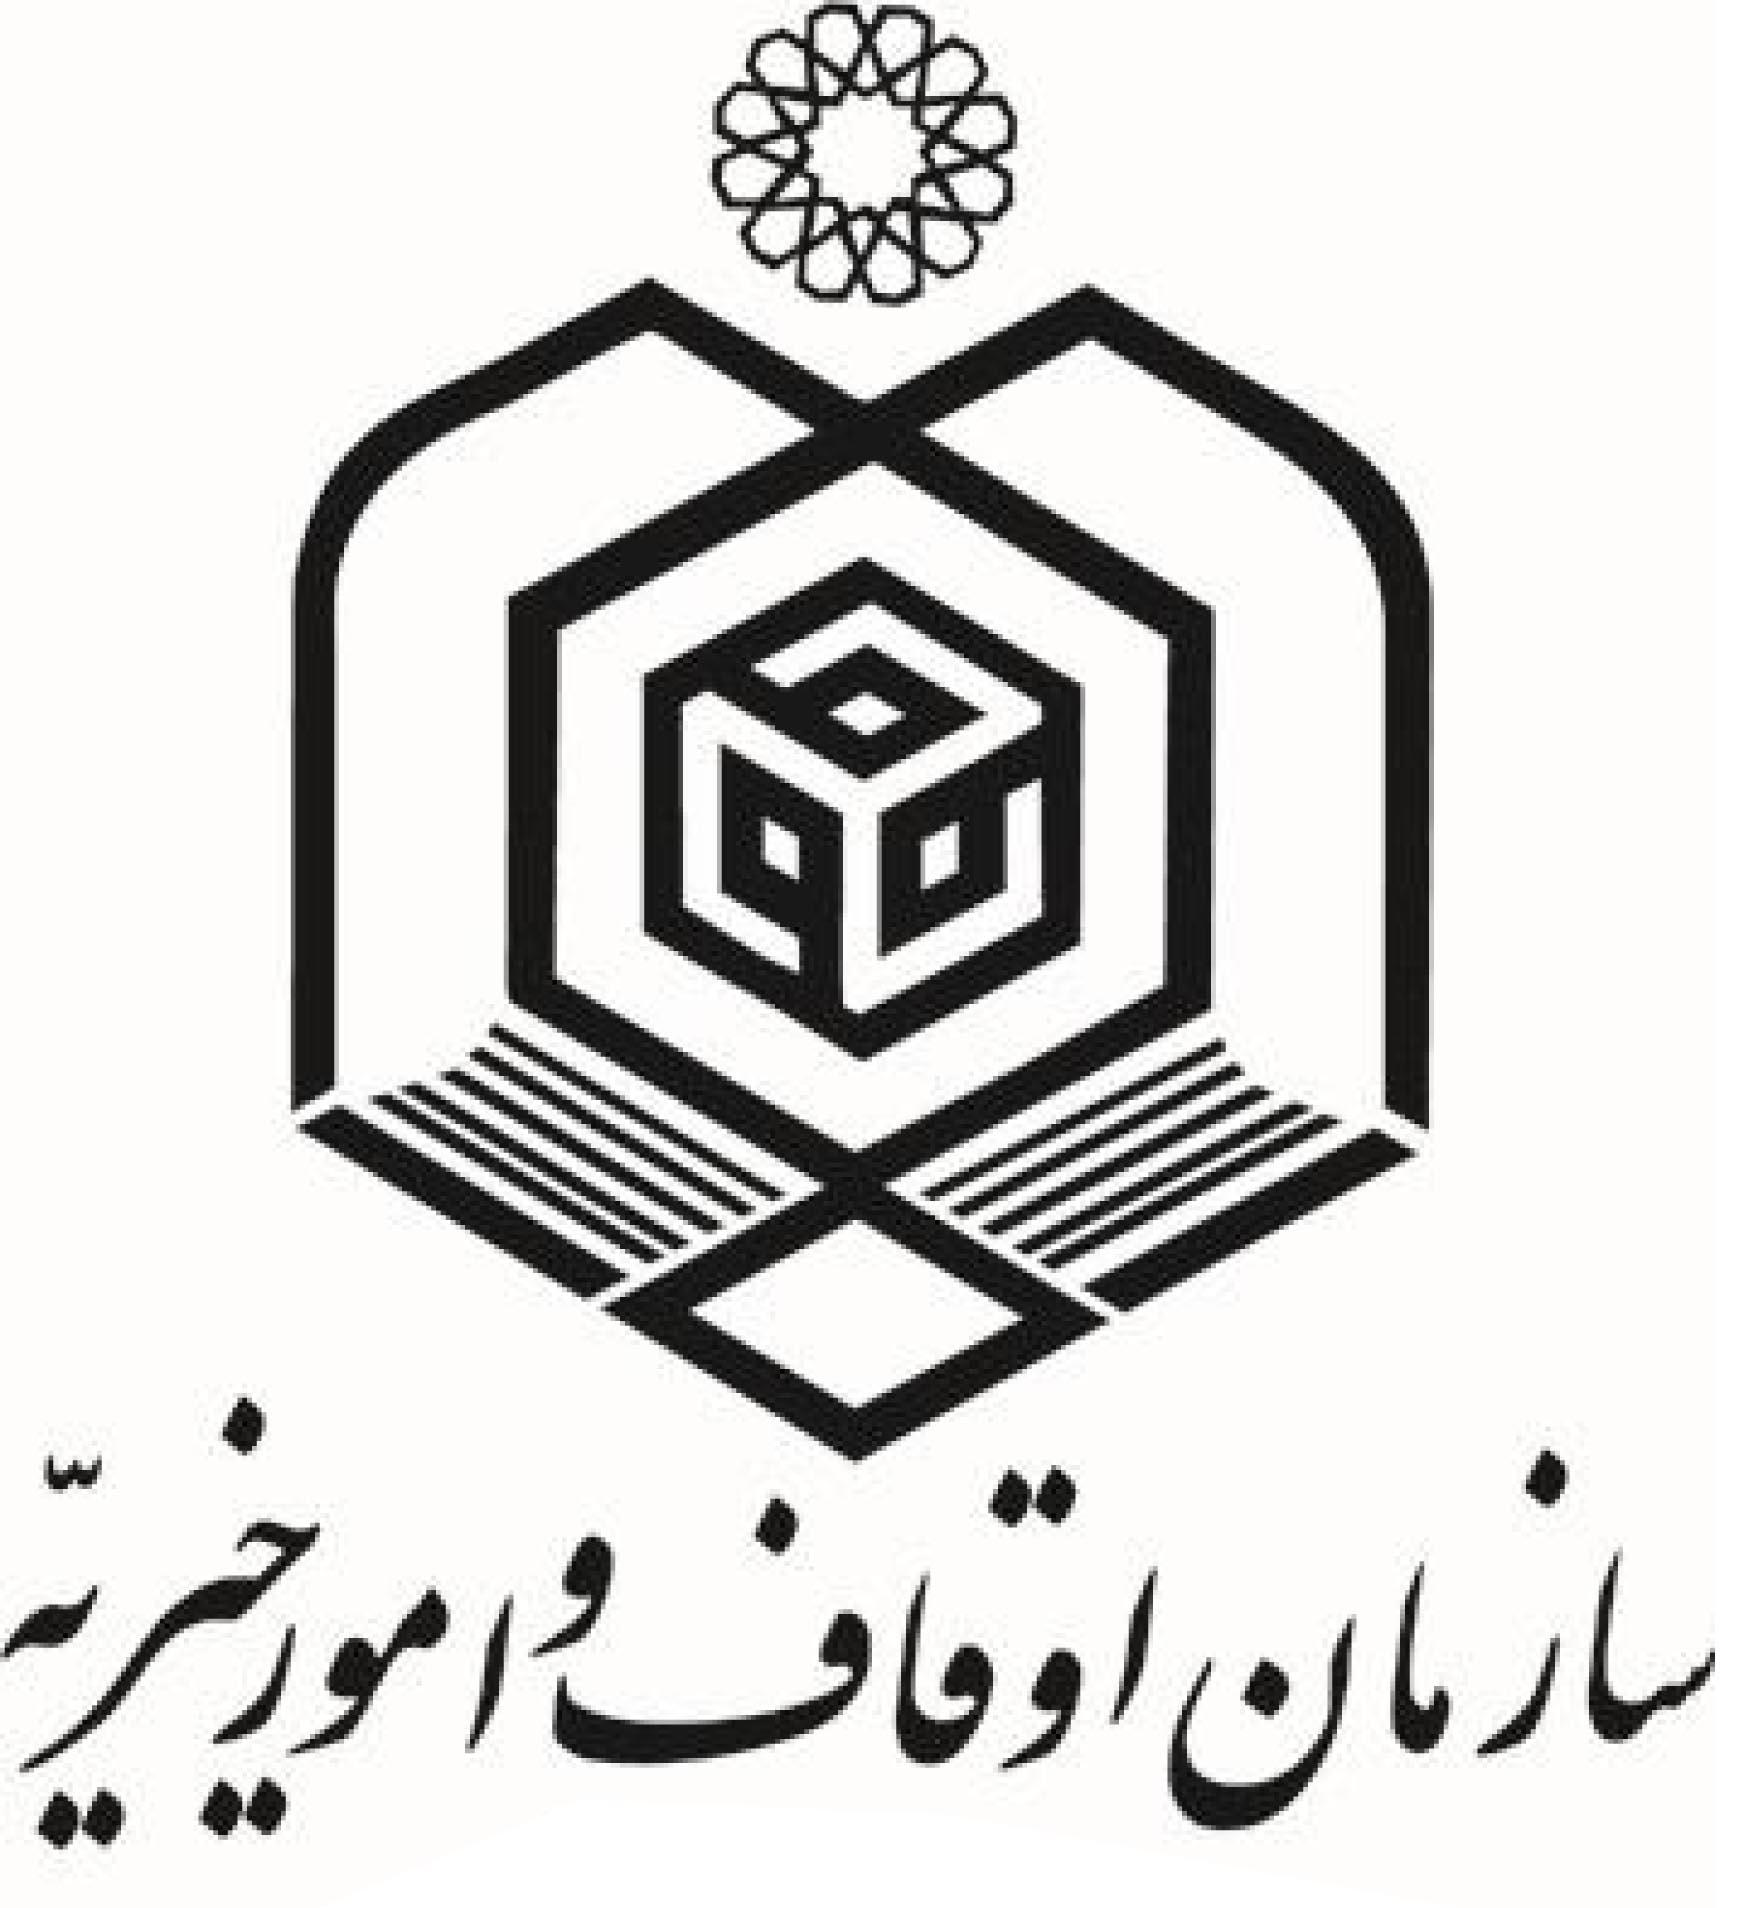 کمک ستون وقفیِ روزنامه به زندانیان غیرعمد/اولین موقوفه مشارکتی - رسانهای ثبت میشود